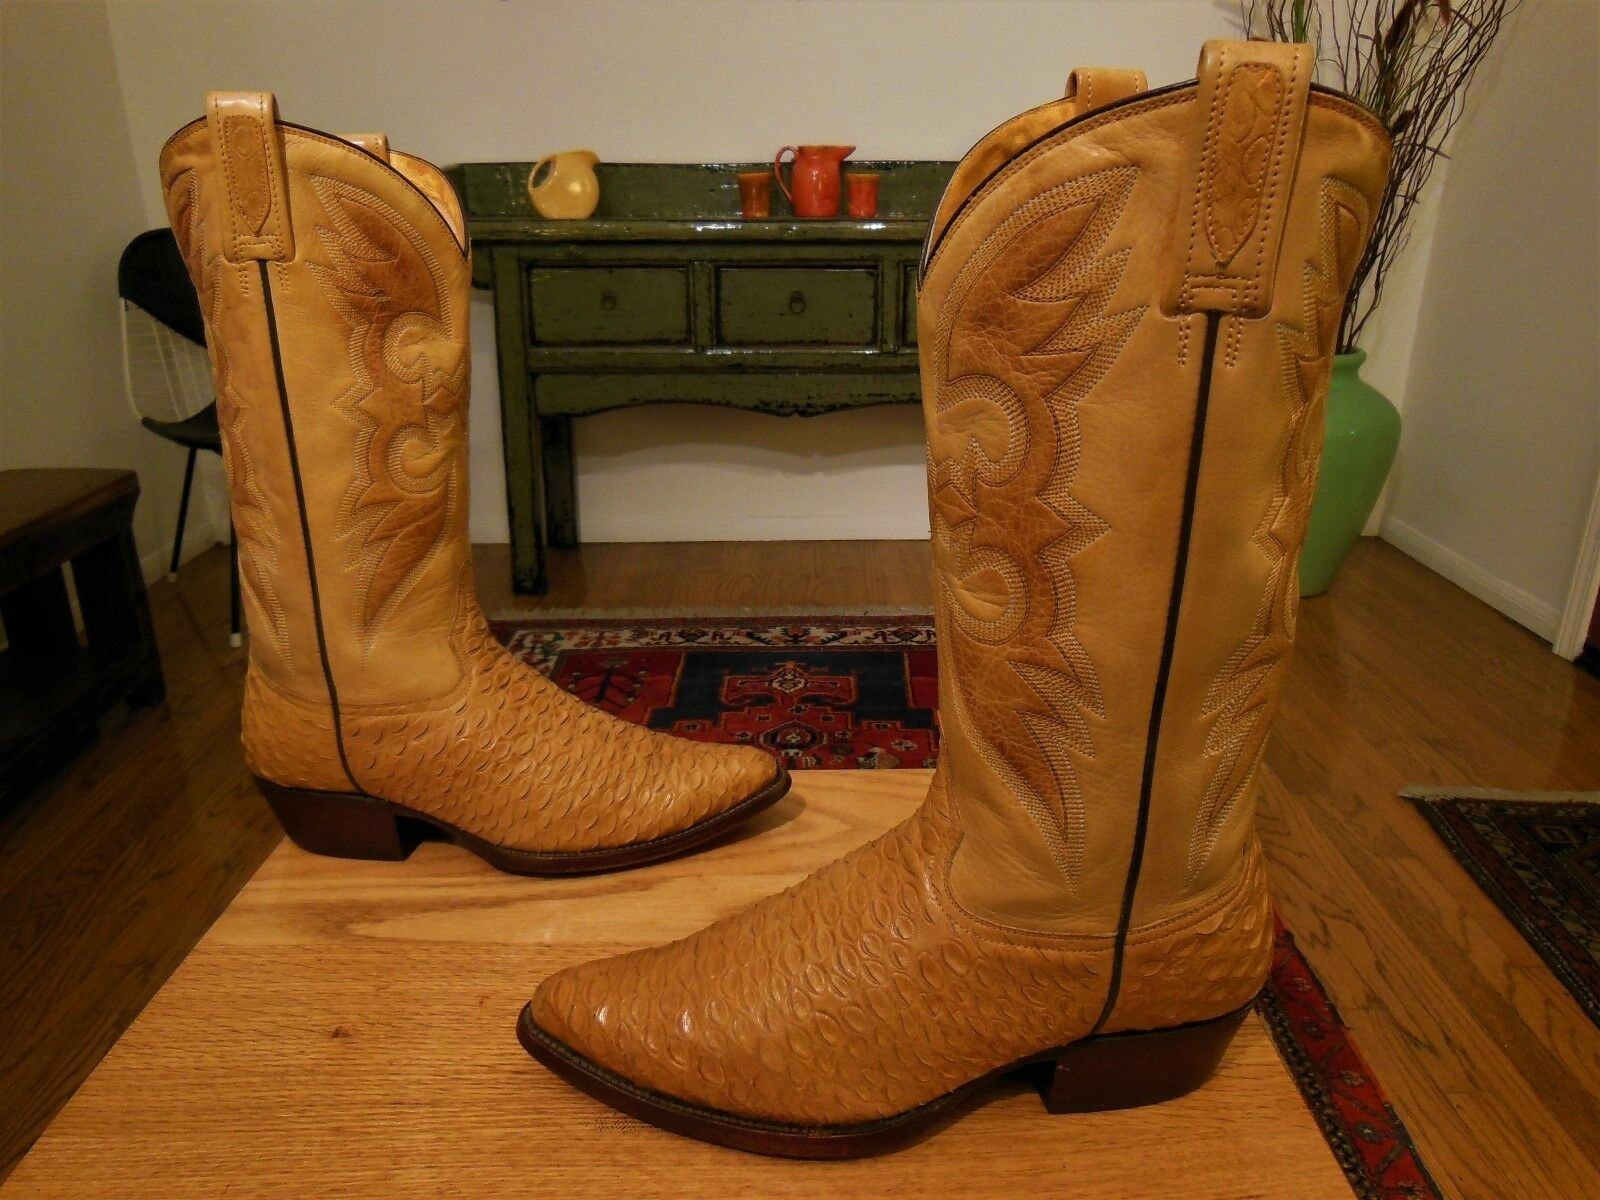 Vtg patrini 2 Color dorado, cuero marrón, botas vaqueros del oeste 8 e xlnt ¡Vtg patrini 2 Color dorado, cuero marrón, botas vaqueros del oeste 8 e xlnt